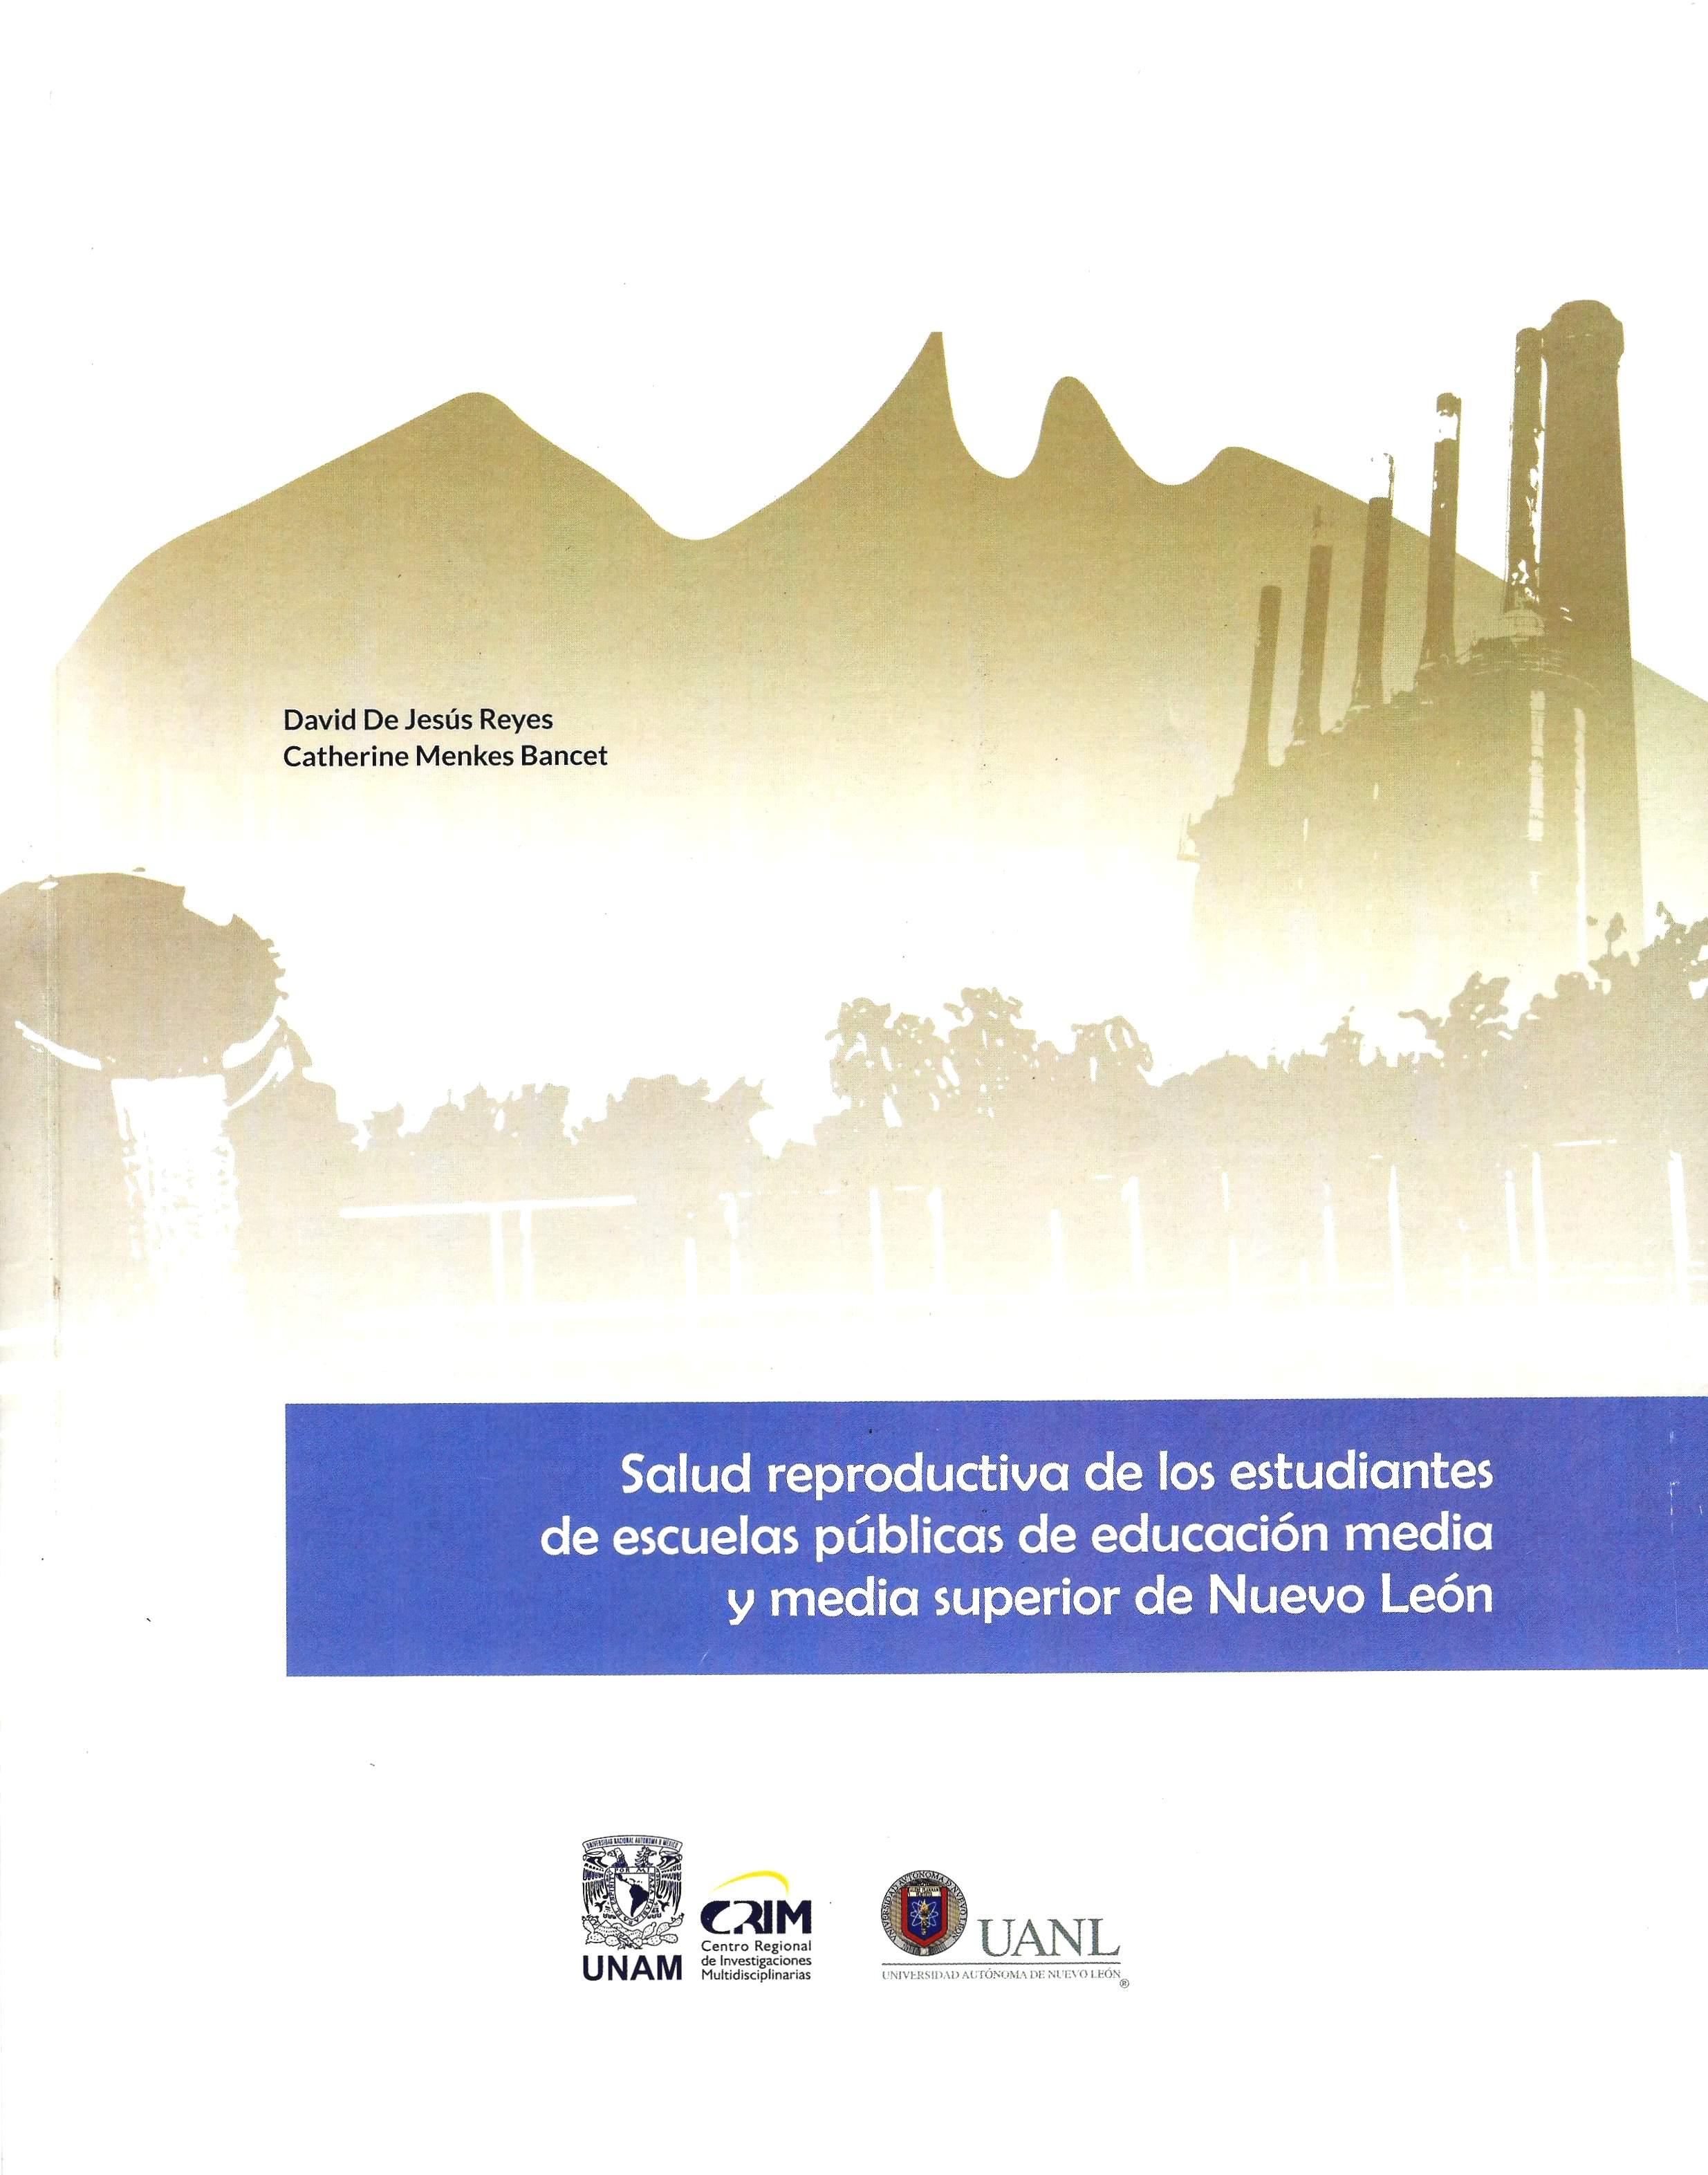 Salud reproductiva de los estudiantes de escuelas públicas de educación media y media superior de Nuevo León